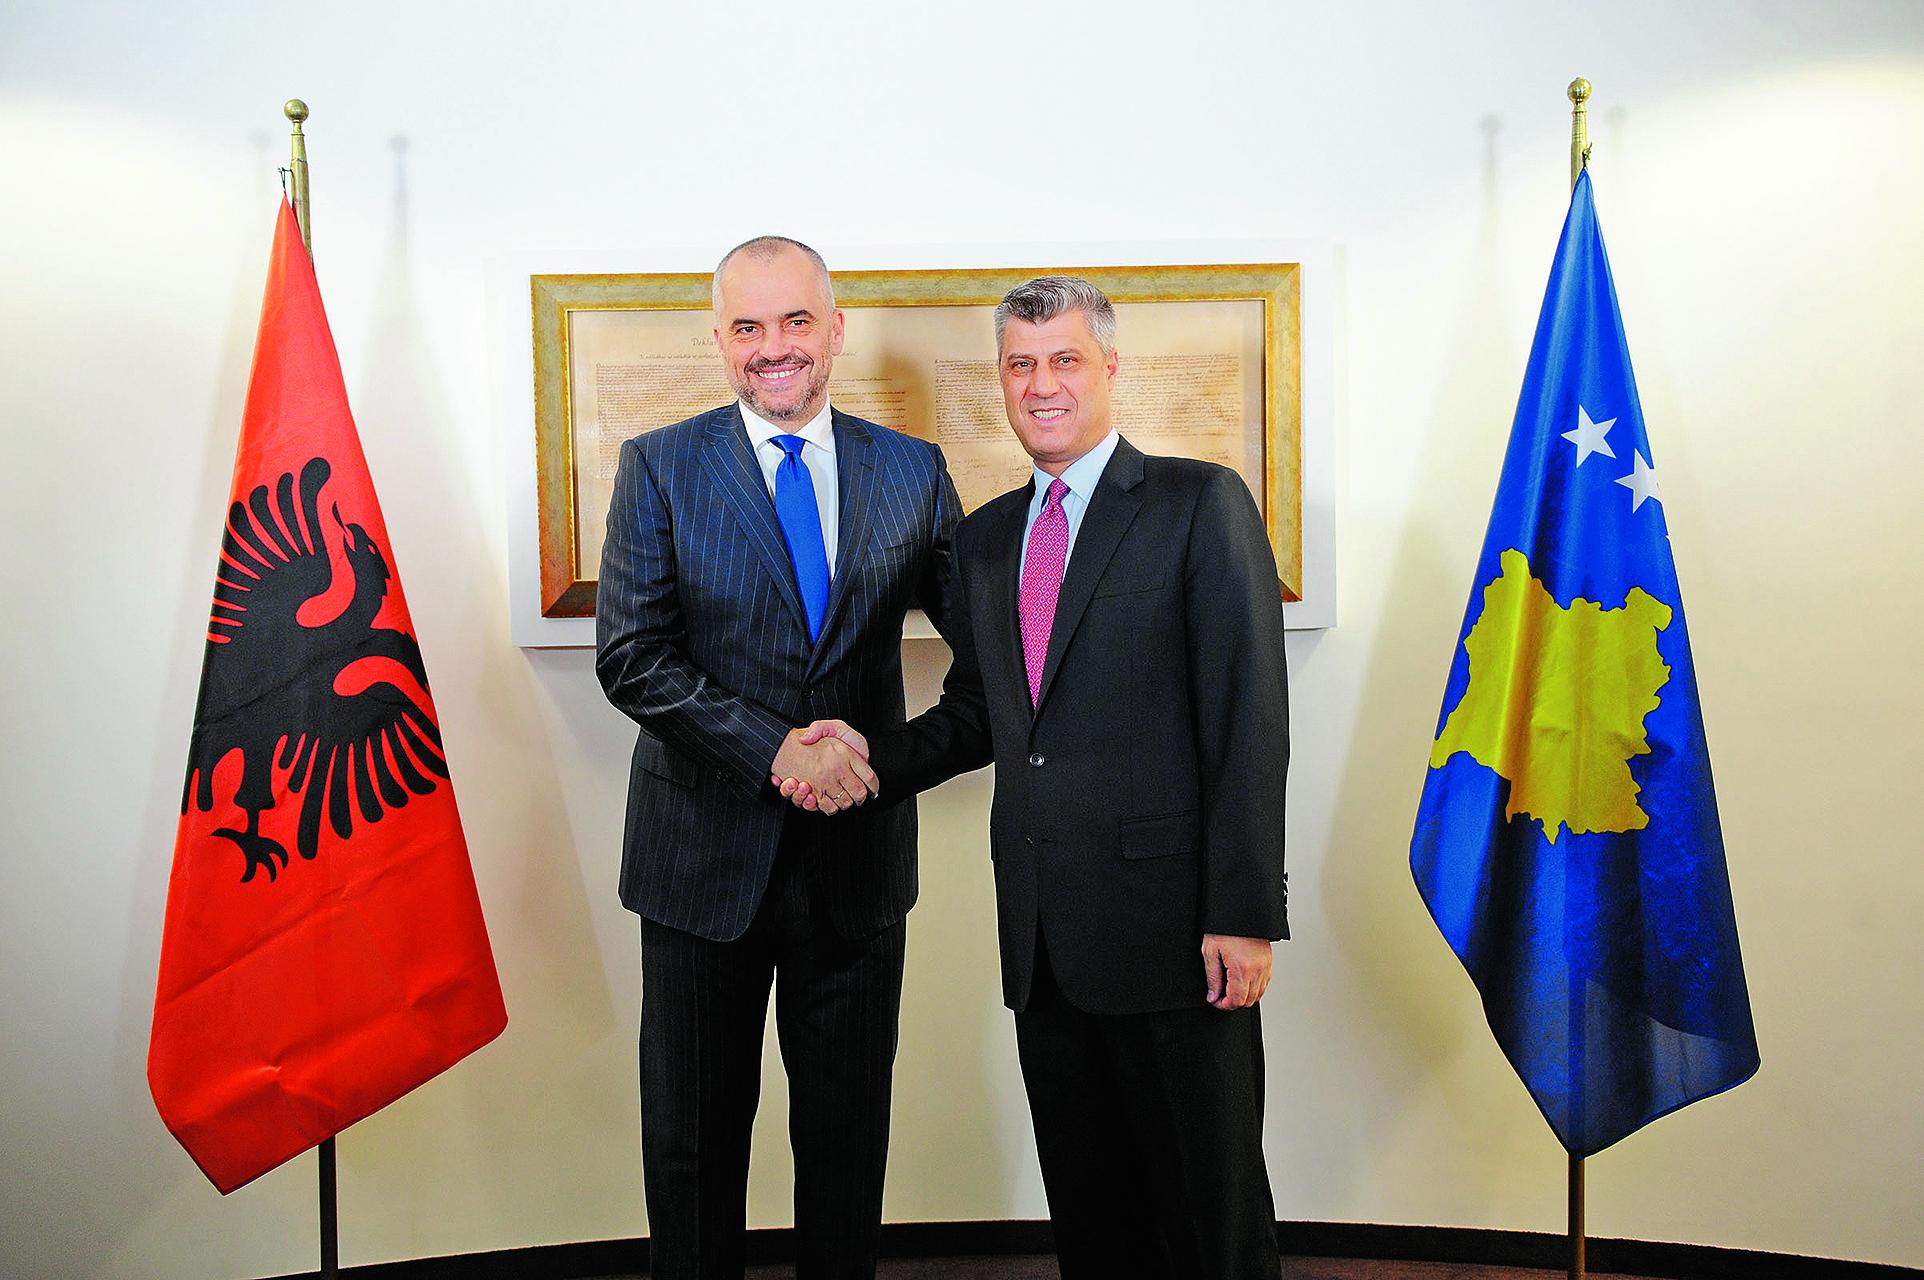 Albanski premijer Edi Rama i predsjednik Kosova Hashim Thaci